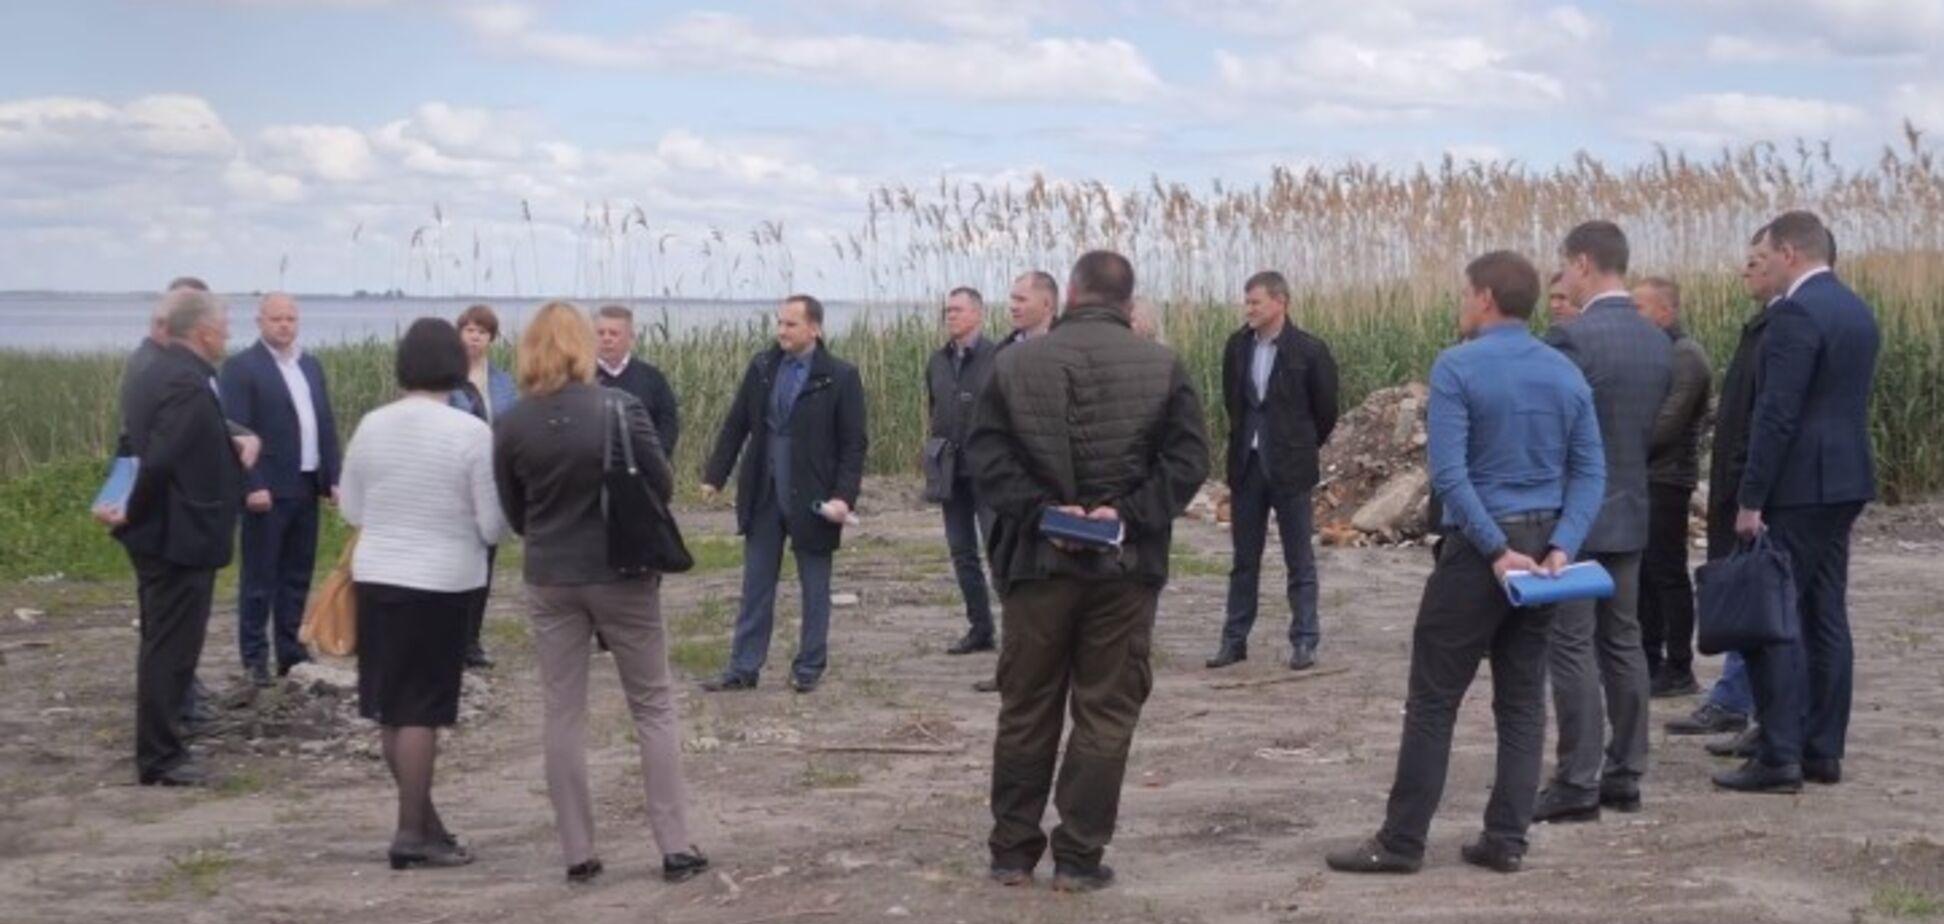 Черкасская ОГА провела выездное заседание для решения проблемы намыва берегов Днепра